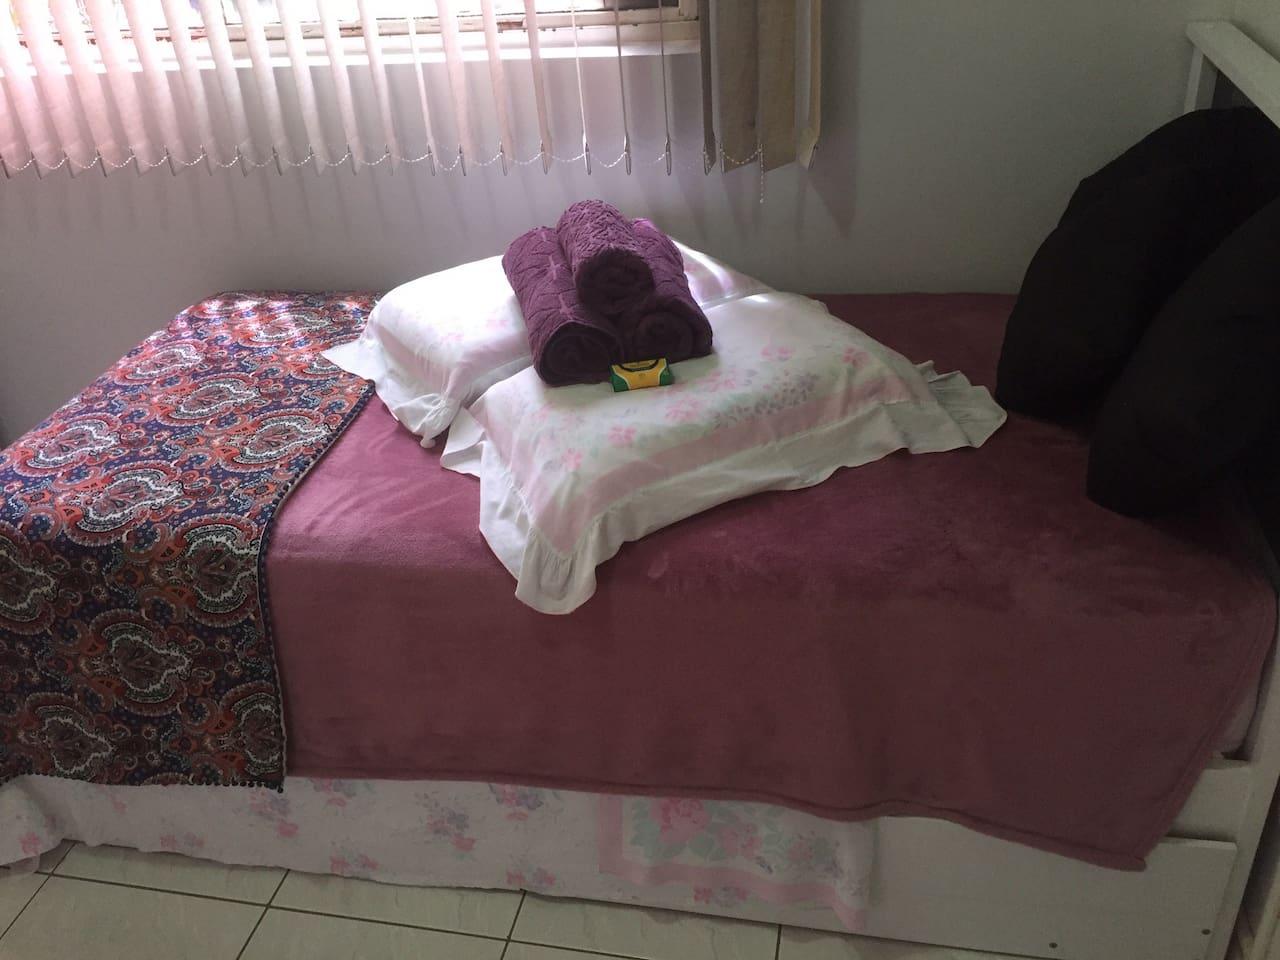 Cama/bicama , colchao ortobom super light , travesseiros da nasa, roupas de cama e banho 100% algodão. Cobertor e sabonetes. Almofadas para o seu conforto.Quarto muito aconchegante para 1 ou 2 pessoas da sua família ou amigos!